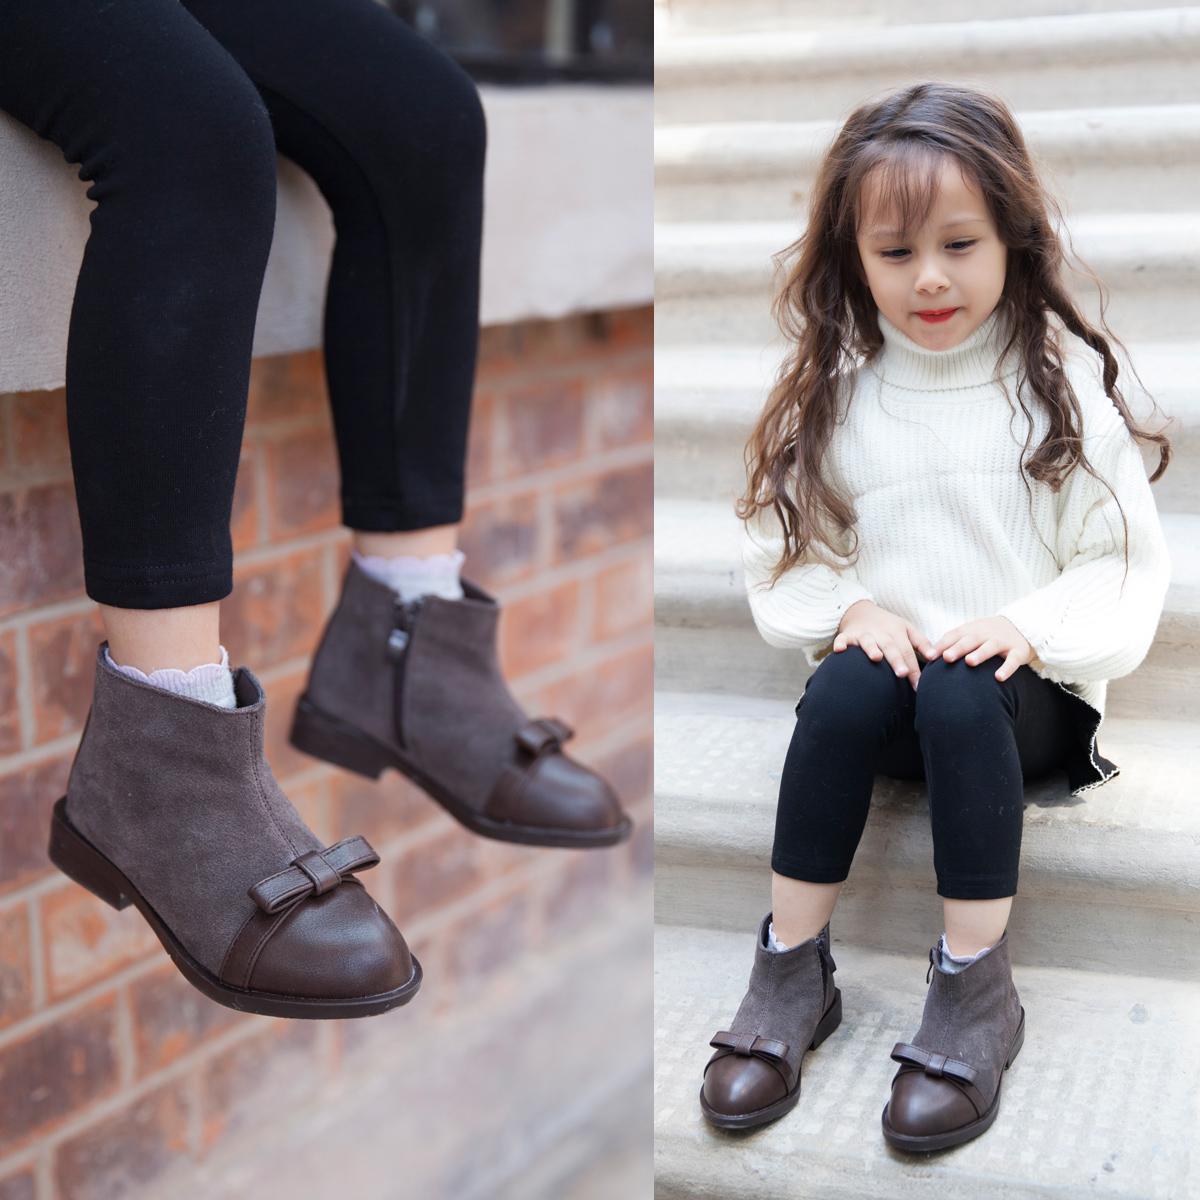 女童短靴18年冬季新款儿童靴子潮款蝴蝶结公主短靴时尚女孩马丁靴